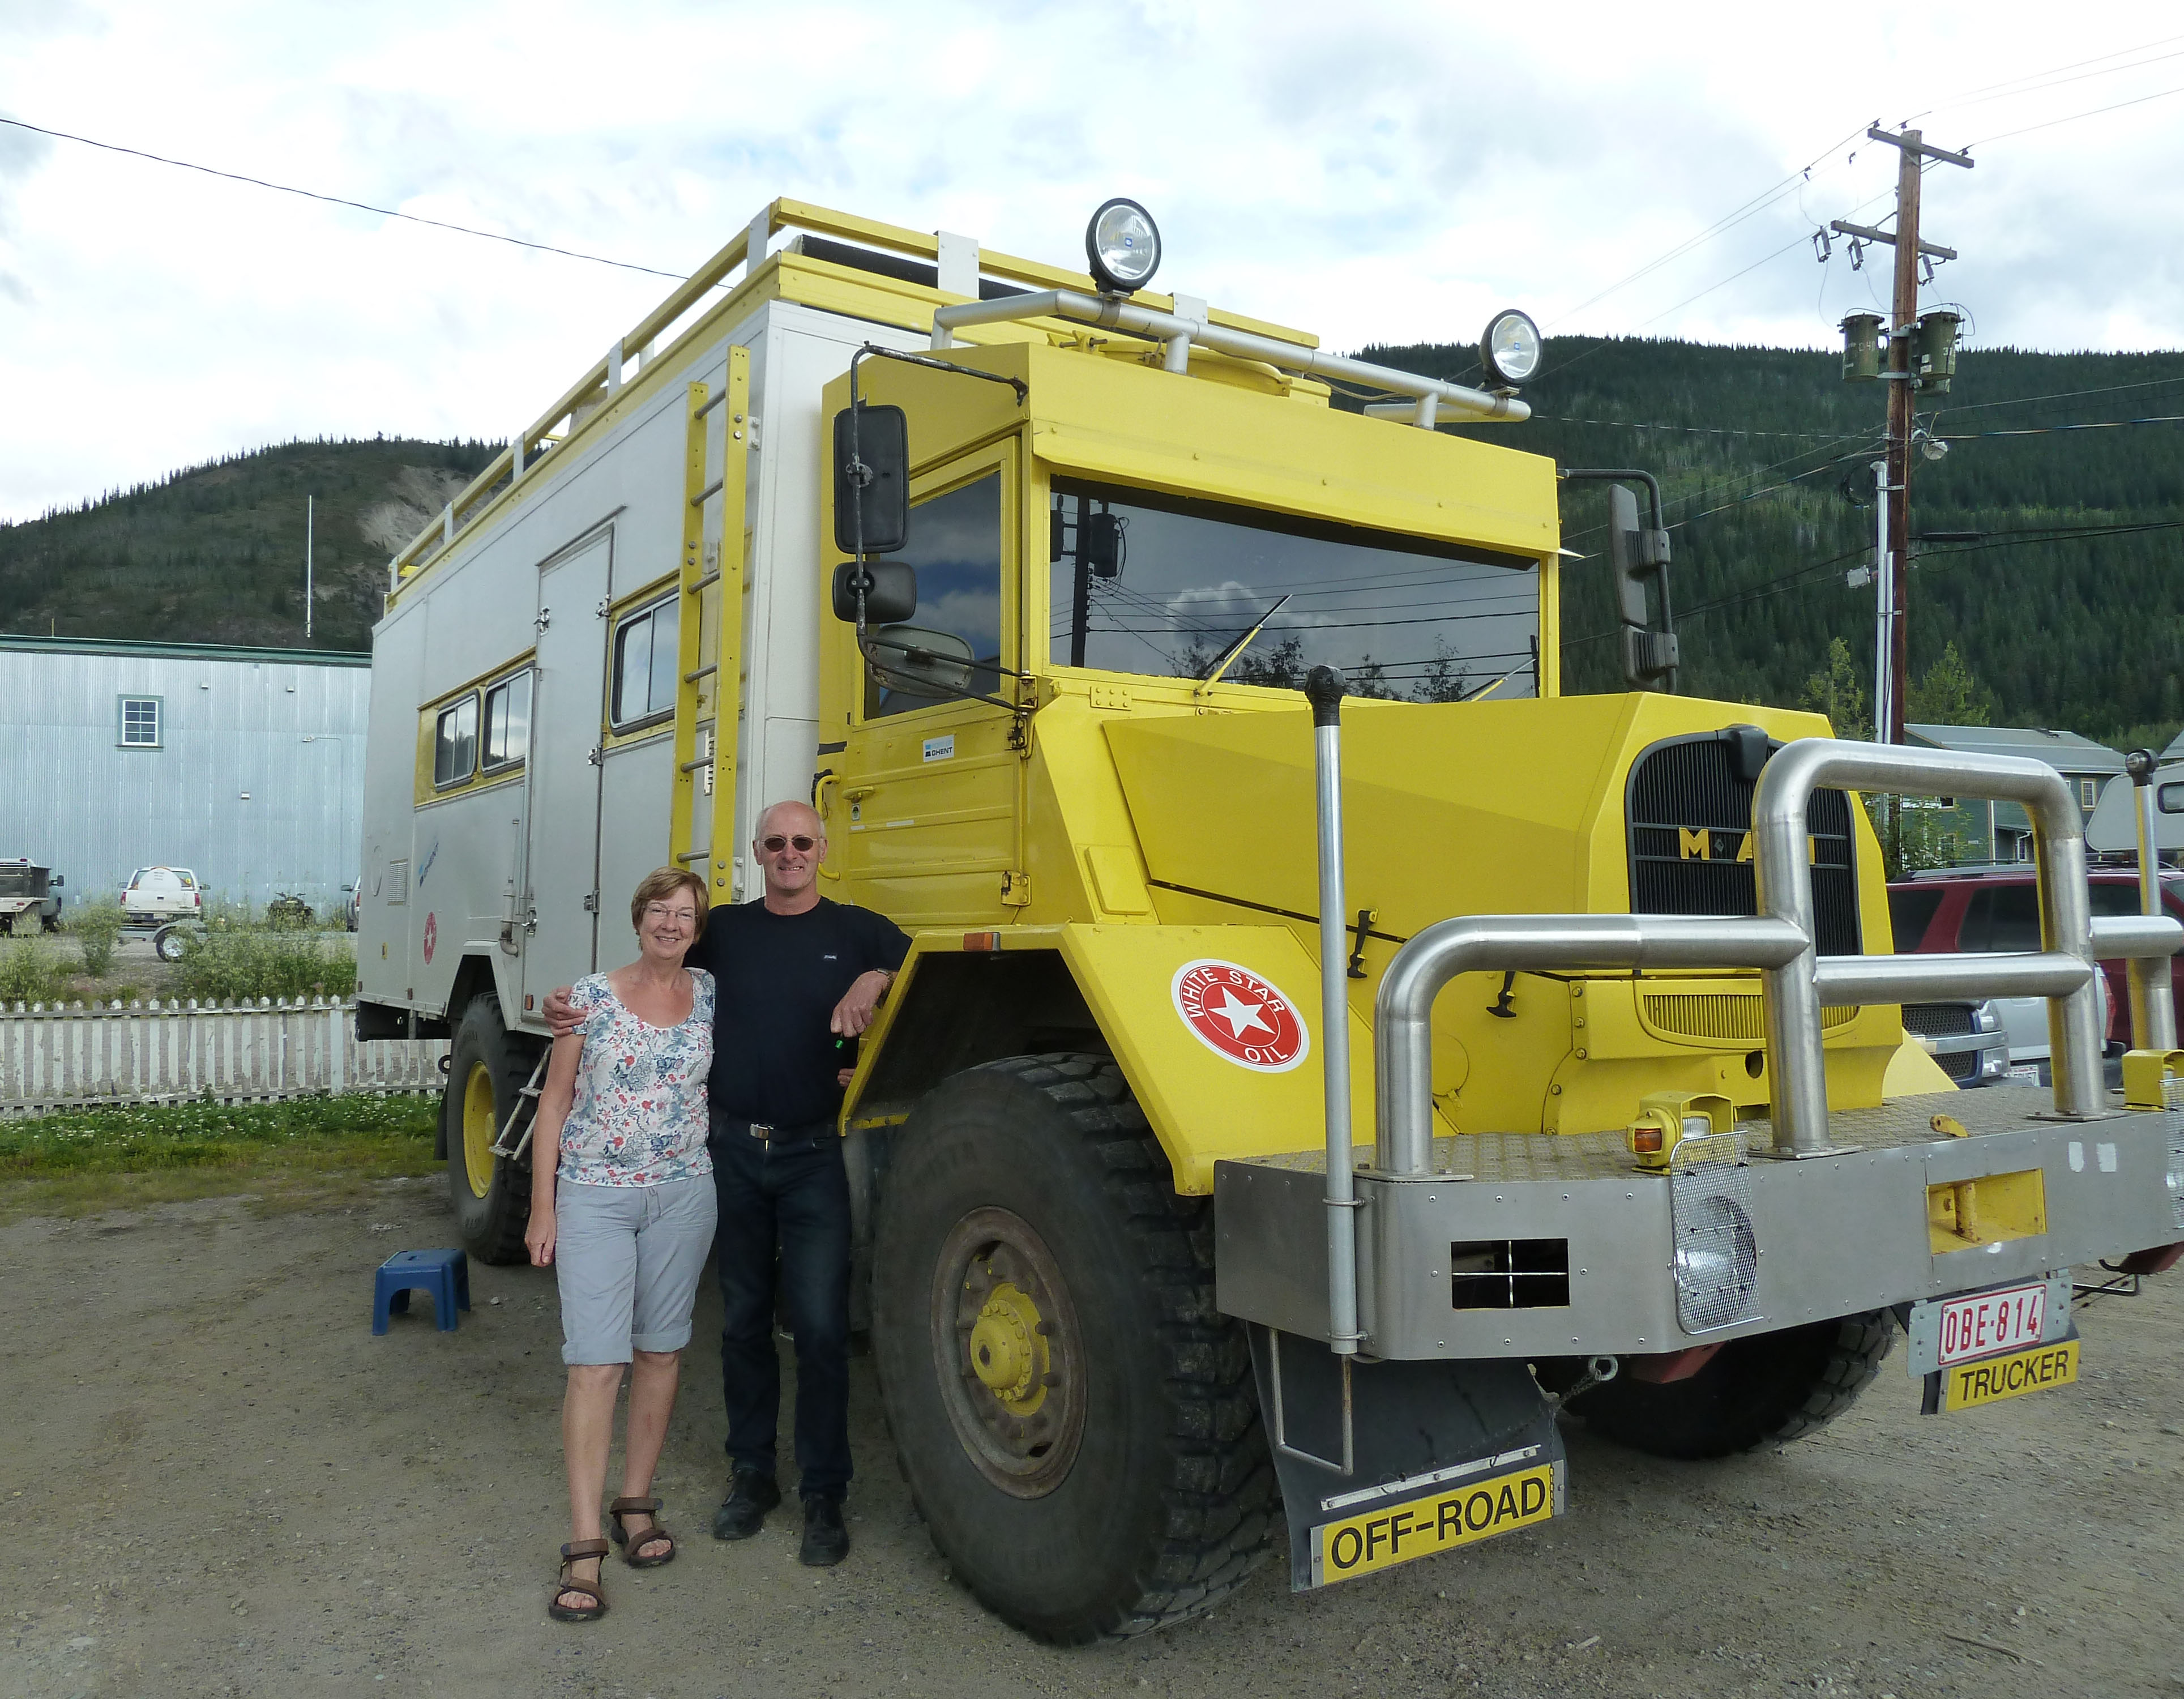 Overland Truck For Sale | fromalaskatobrazil